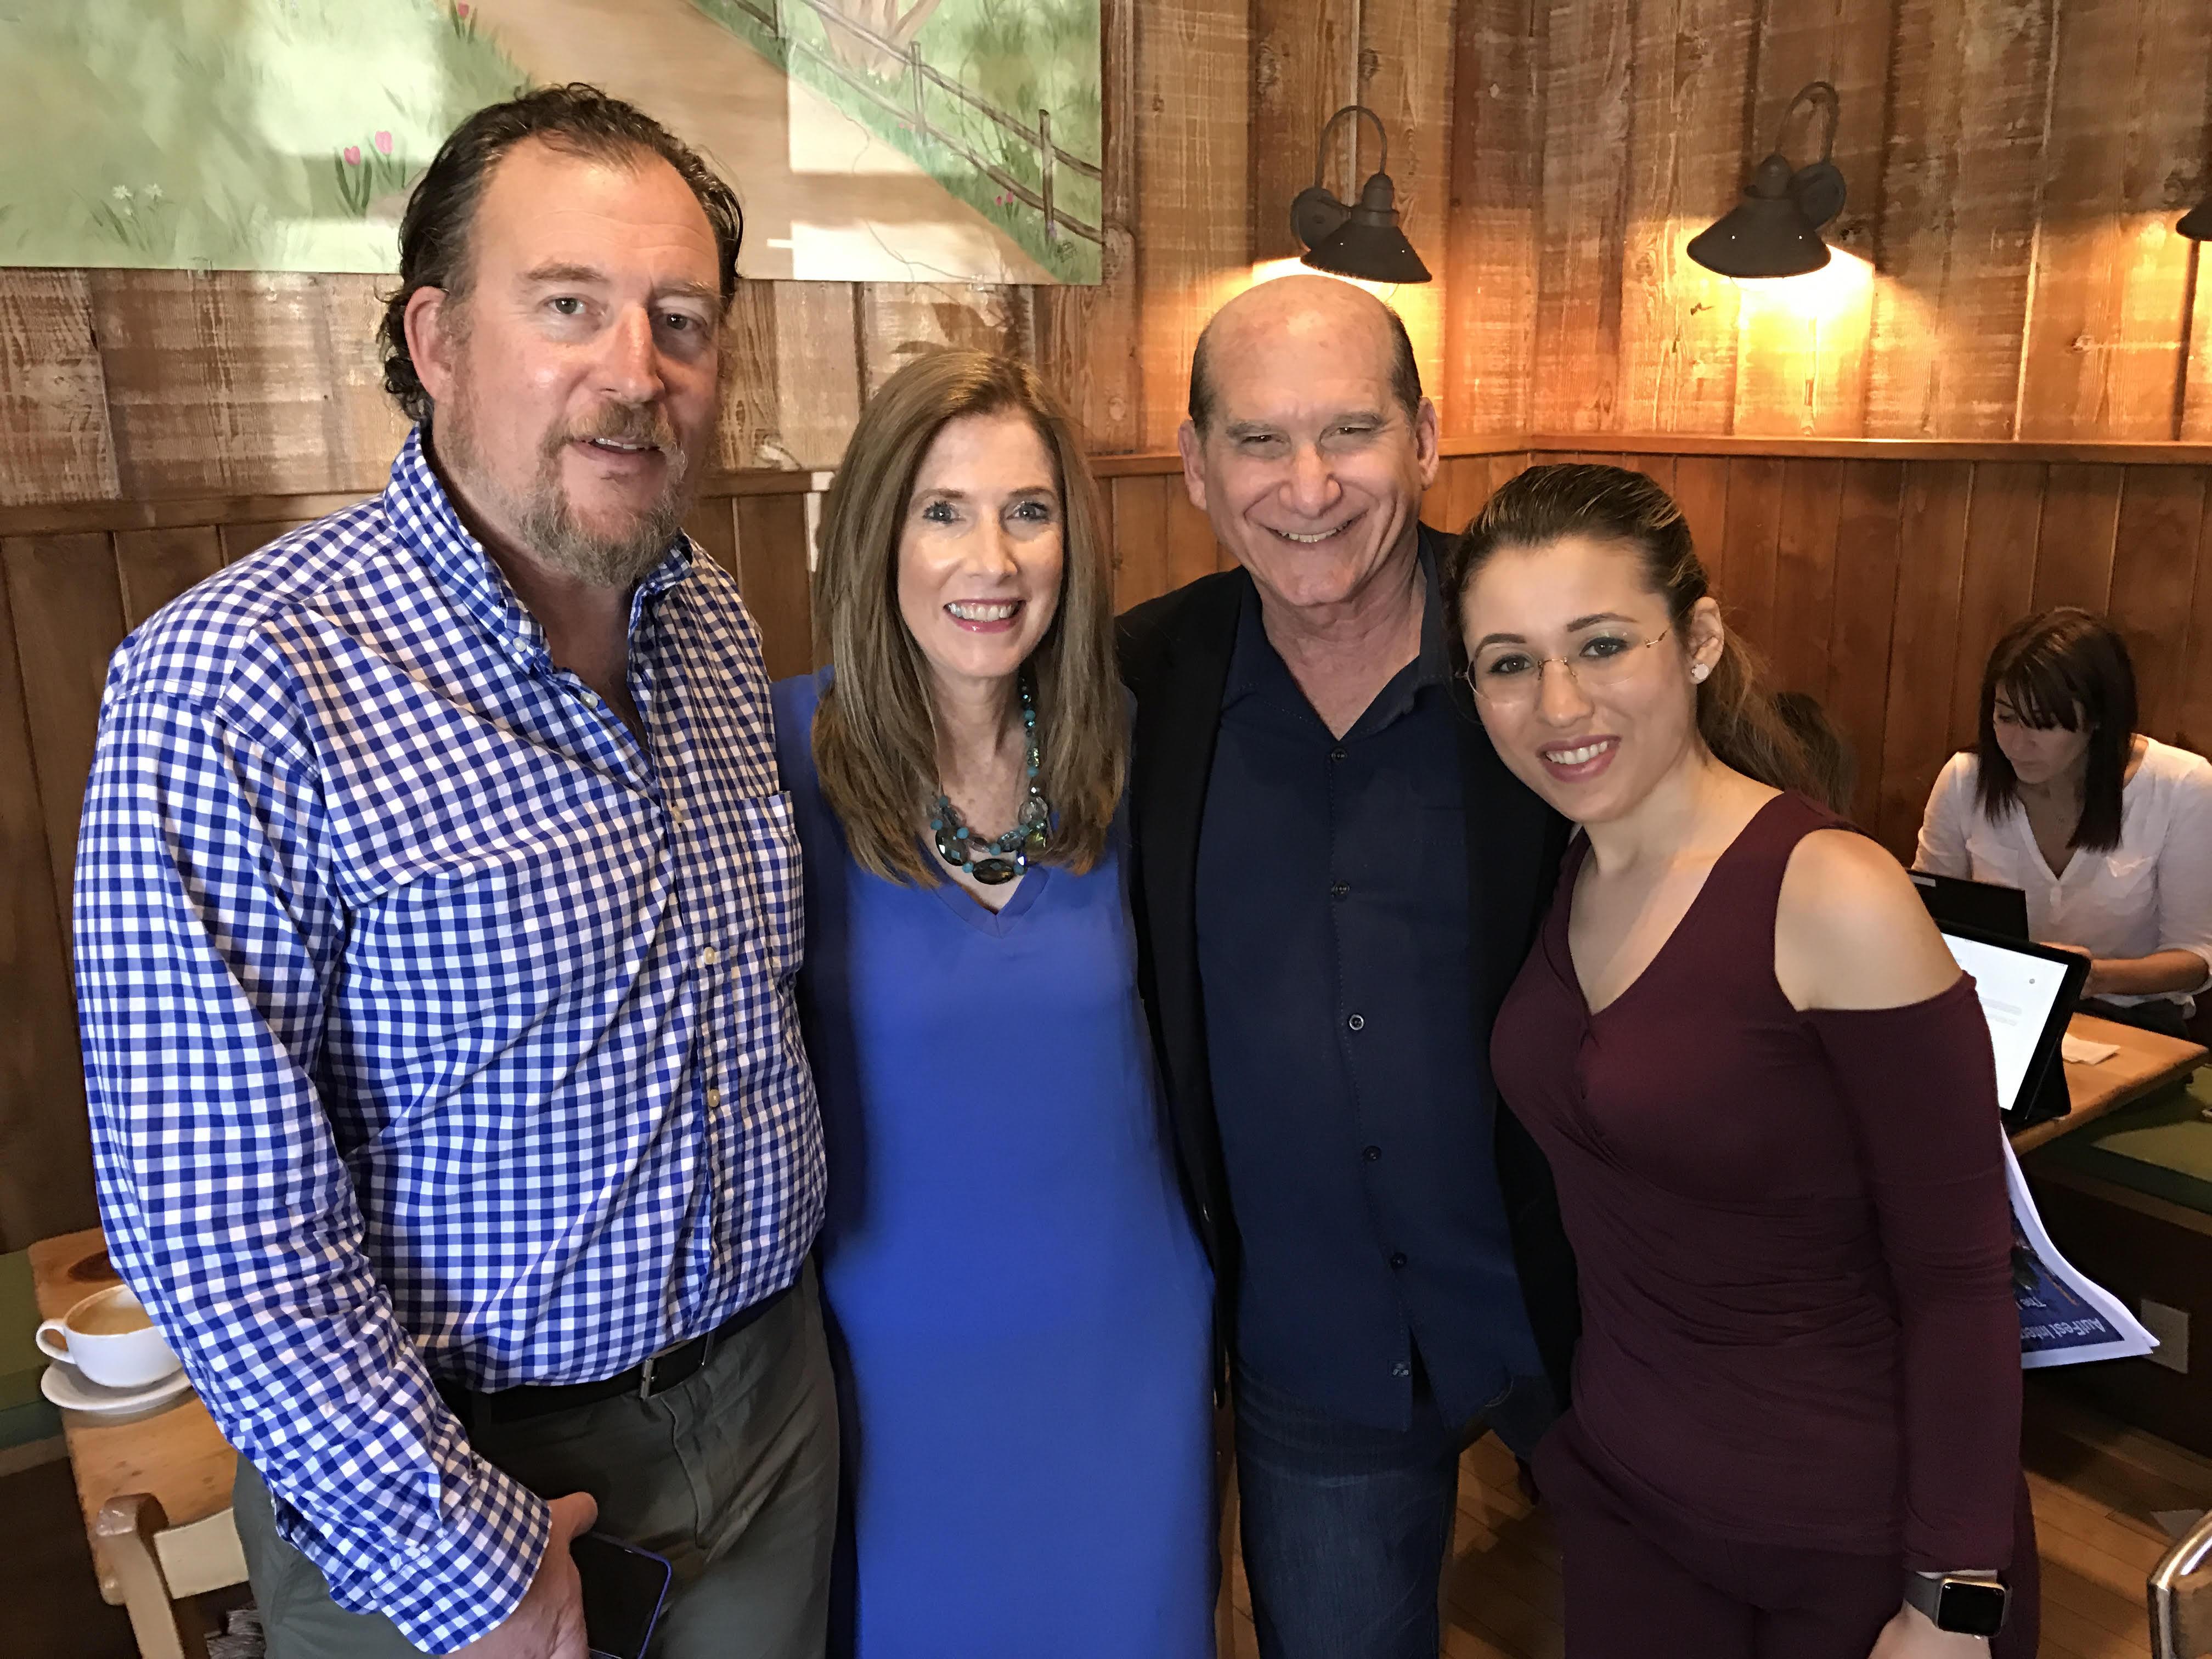 L to R- ASA Matt Asner,AGA Liz H Kelly, AGA Founder David M Luber, Autism Advocate Dani Bowman